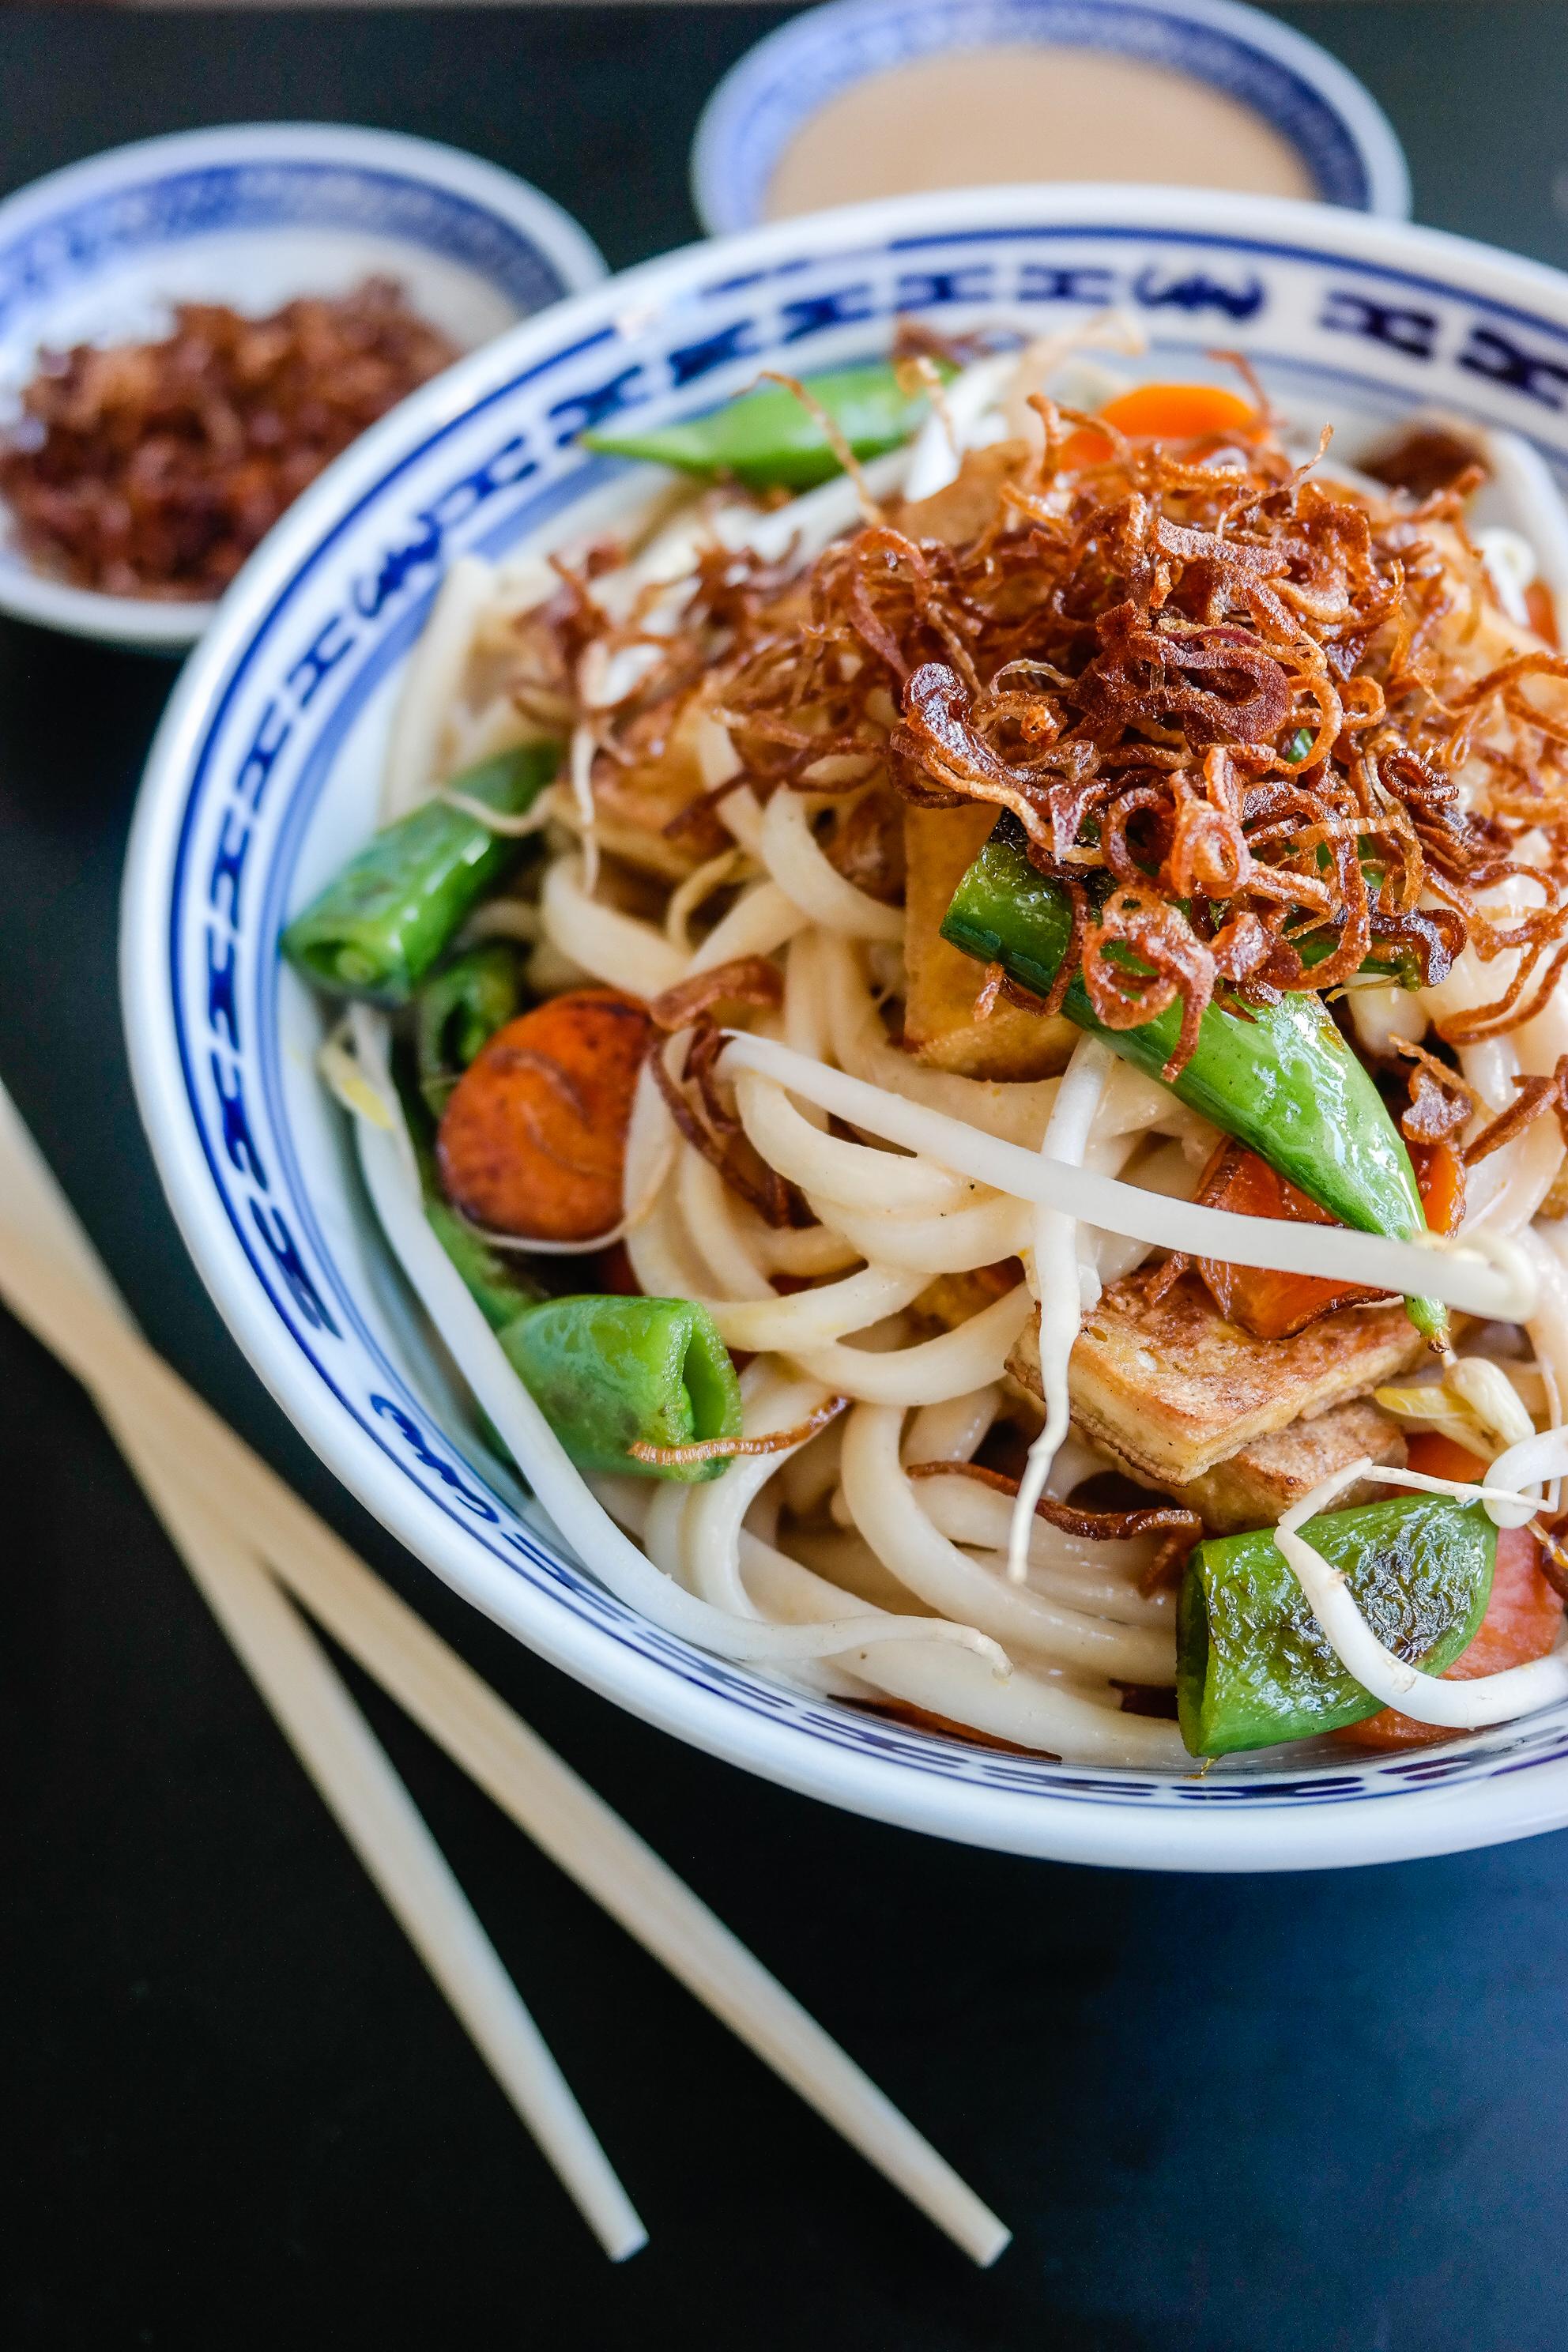 Det beste i verden er peanøttsaus - og denne varianten, satay, er med curry og kokosmelk. Yum!